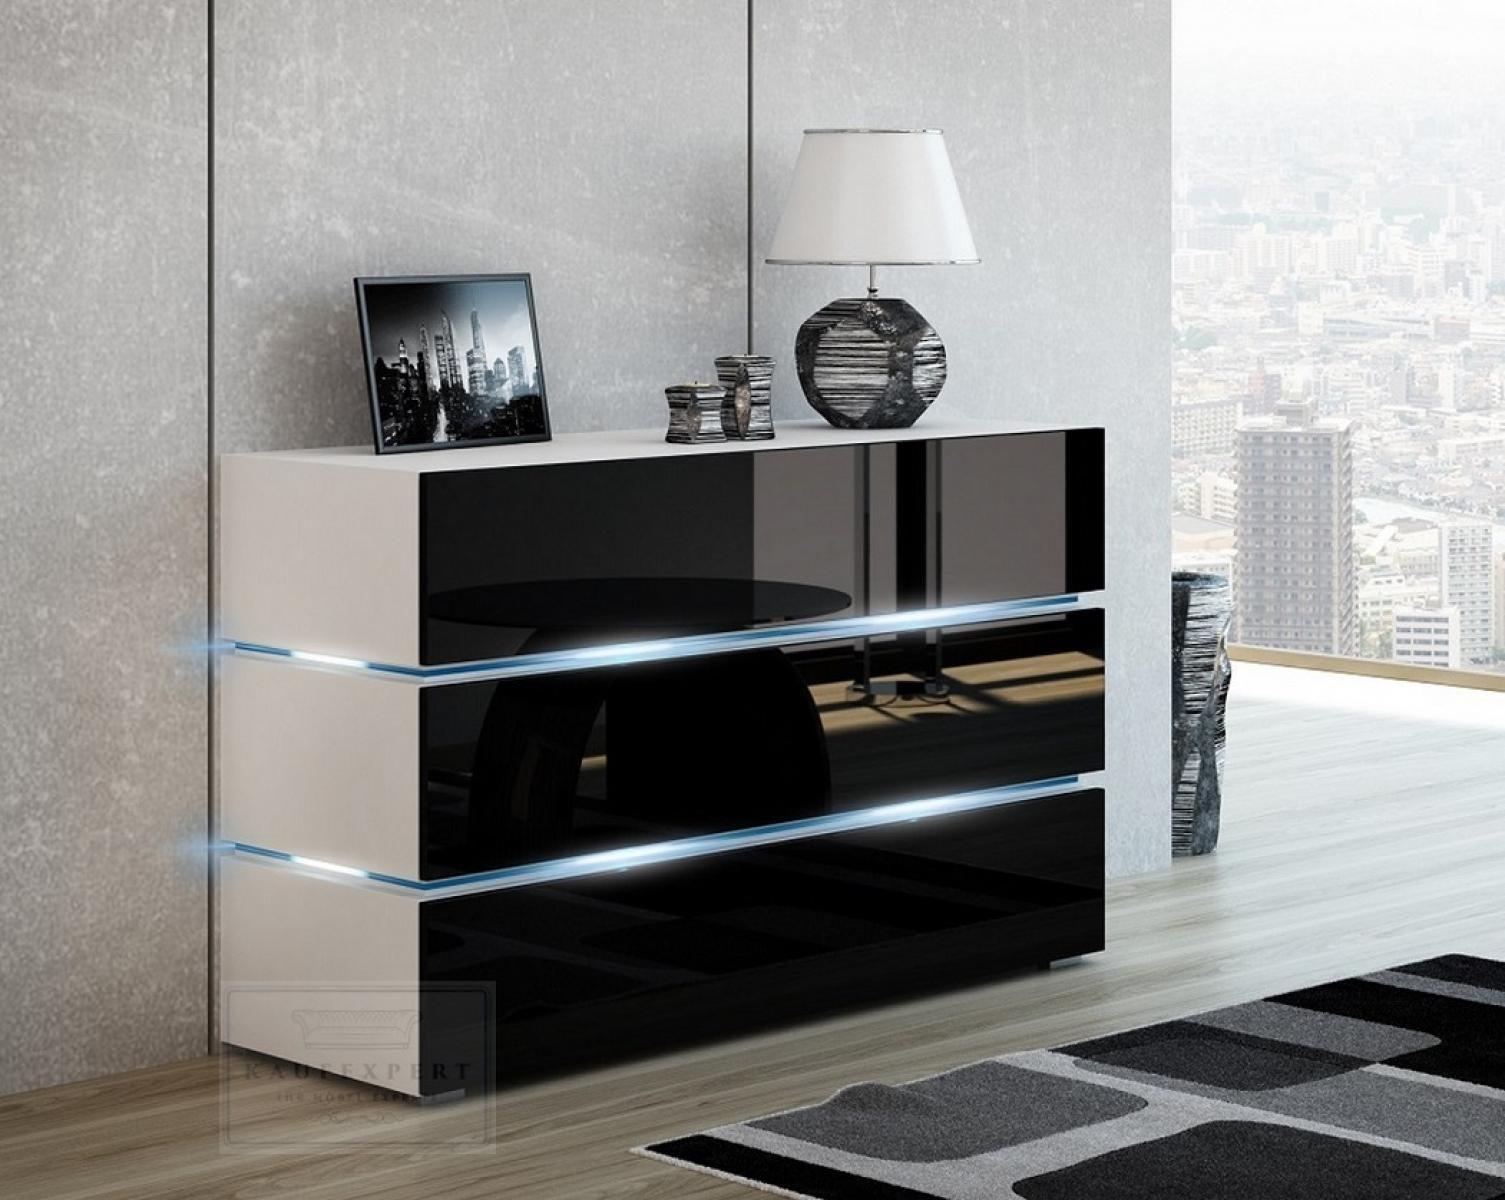 8 schlafzimmer kommode hochglanz schwarz | wohnwand schwarz